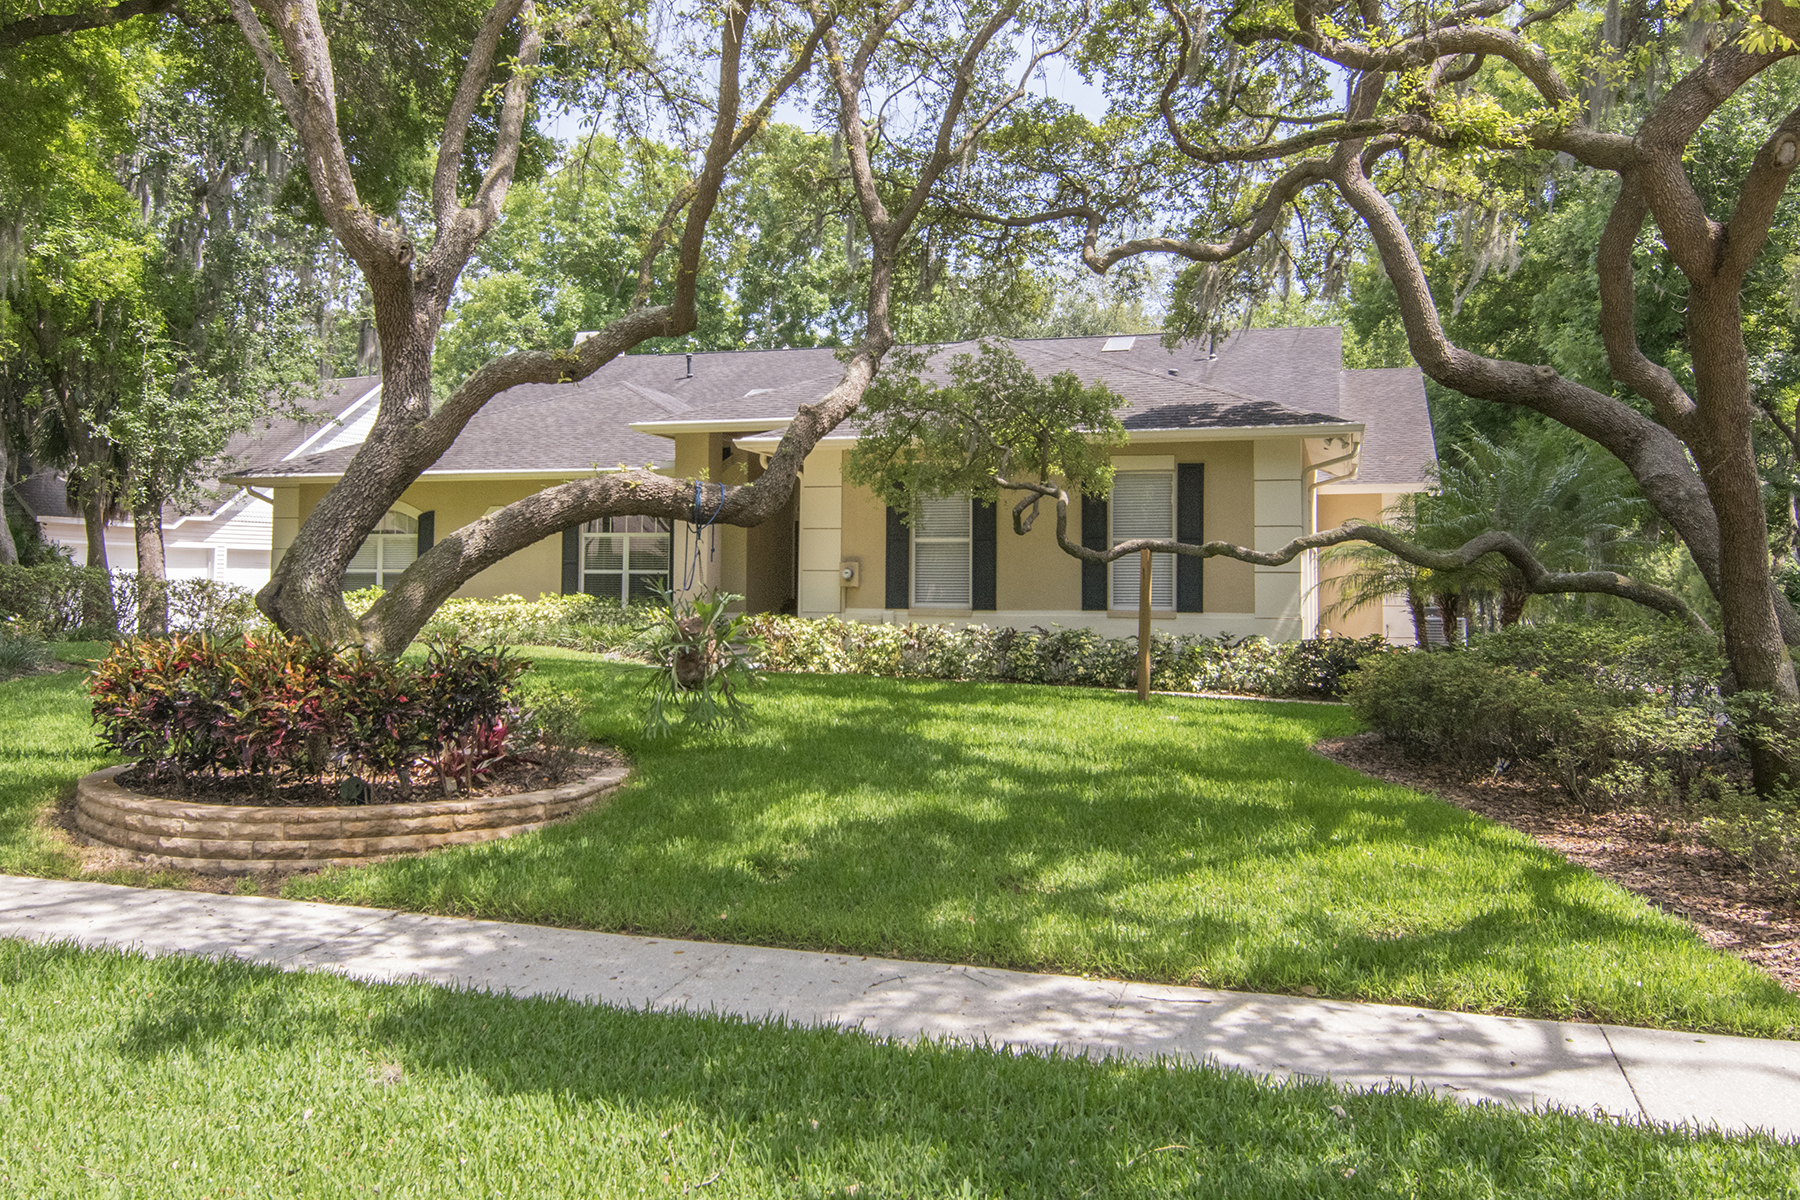 Maison unifamiliale pour l Vente à RIVERVIEW 8914 Eagle Watch Dr Riverview, Florida, 33578 États-Unis